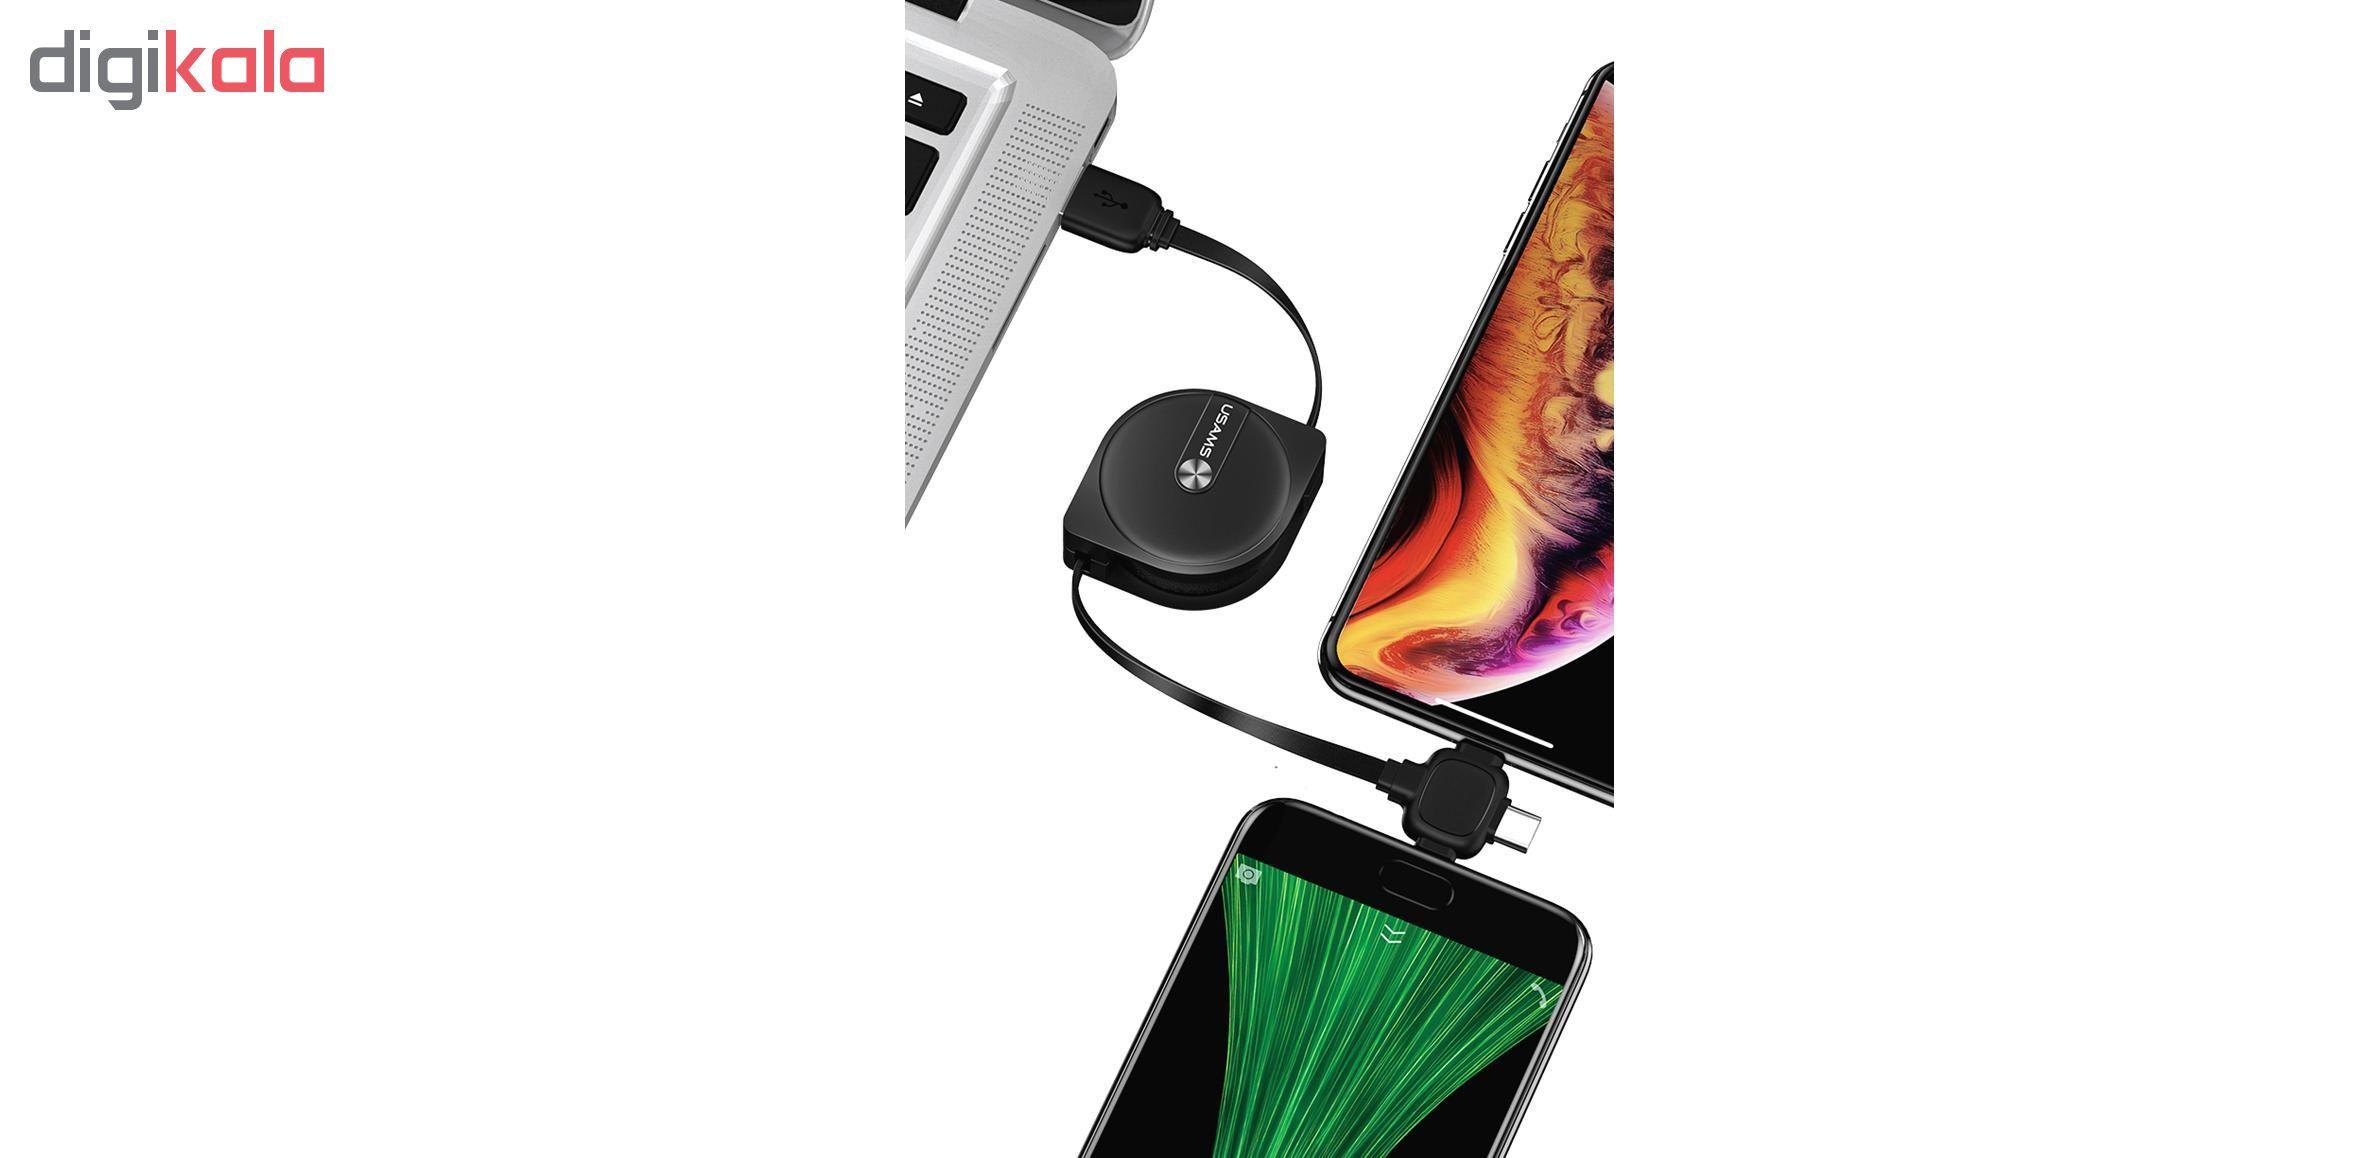 کابل تبدیل USB به لایتنینگ/ micro USB /USB-C یوسمز مدل US-SJ263 طول 1 متر main 1 9